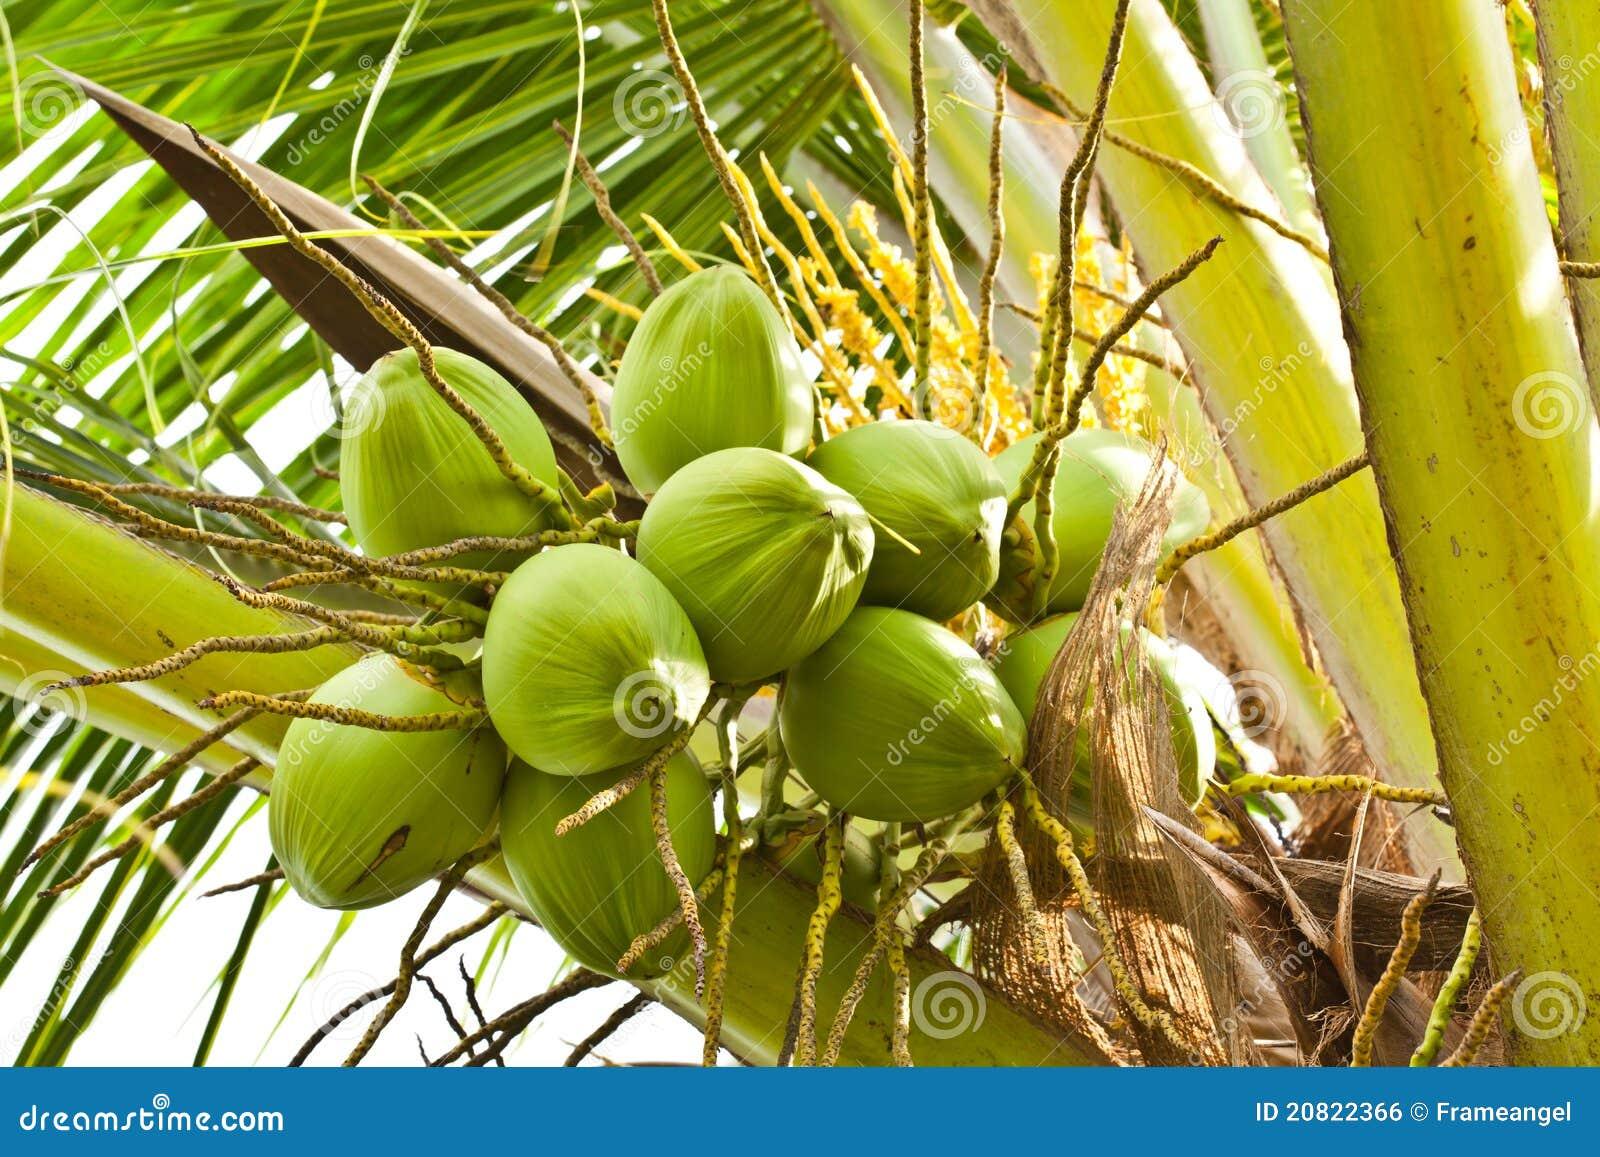 Fruit noix de coco verte image libre de droits image 20822366 - Arbre noix de coco ...